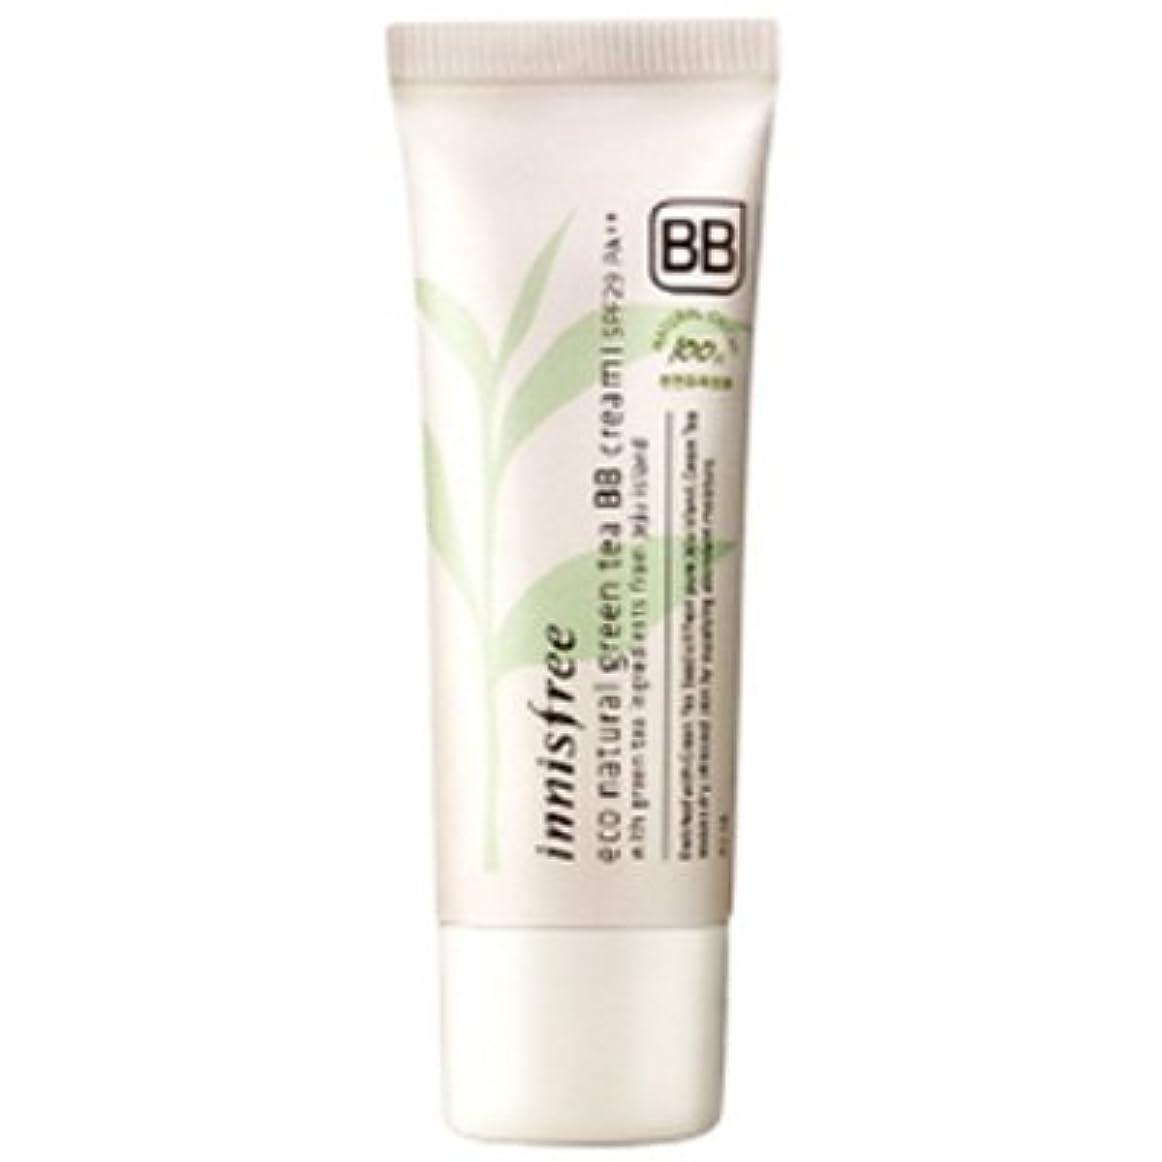 形状生命体地区innisfree(イニスフリー) Eco natural green tea BB cream エコ ナチュラル グリーン ティー BB クリーム SPF29/PA++ 40ml #1:ライトベージュ